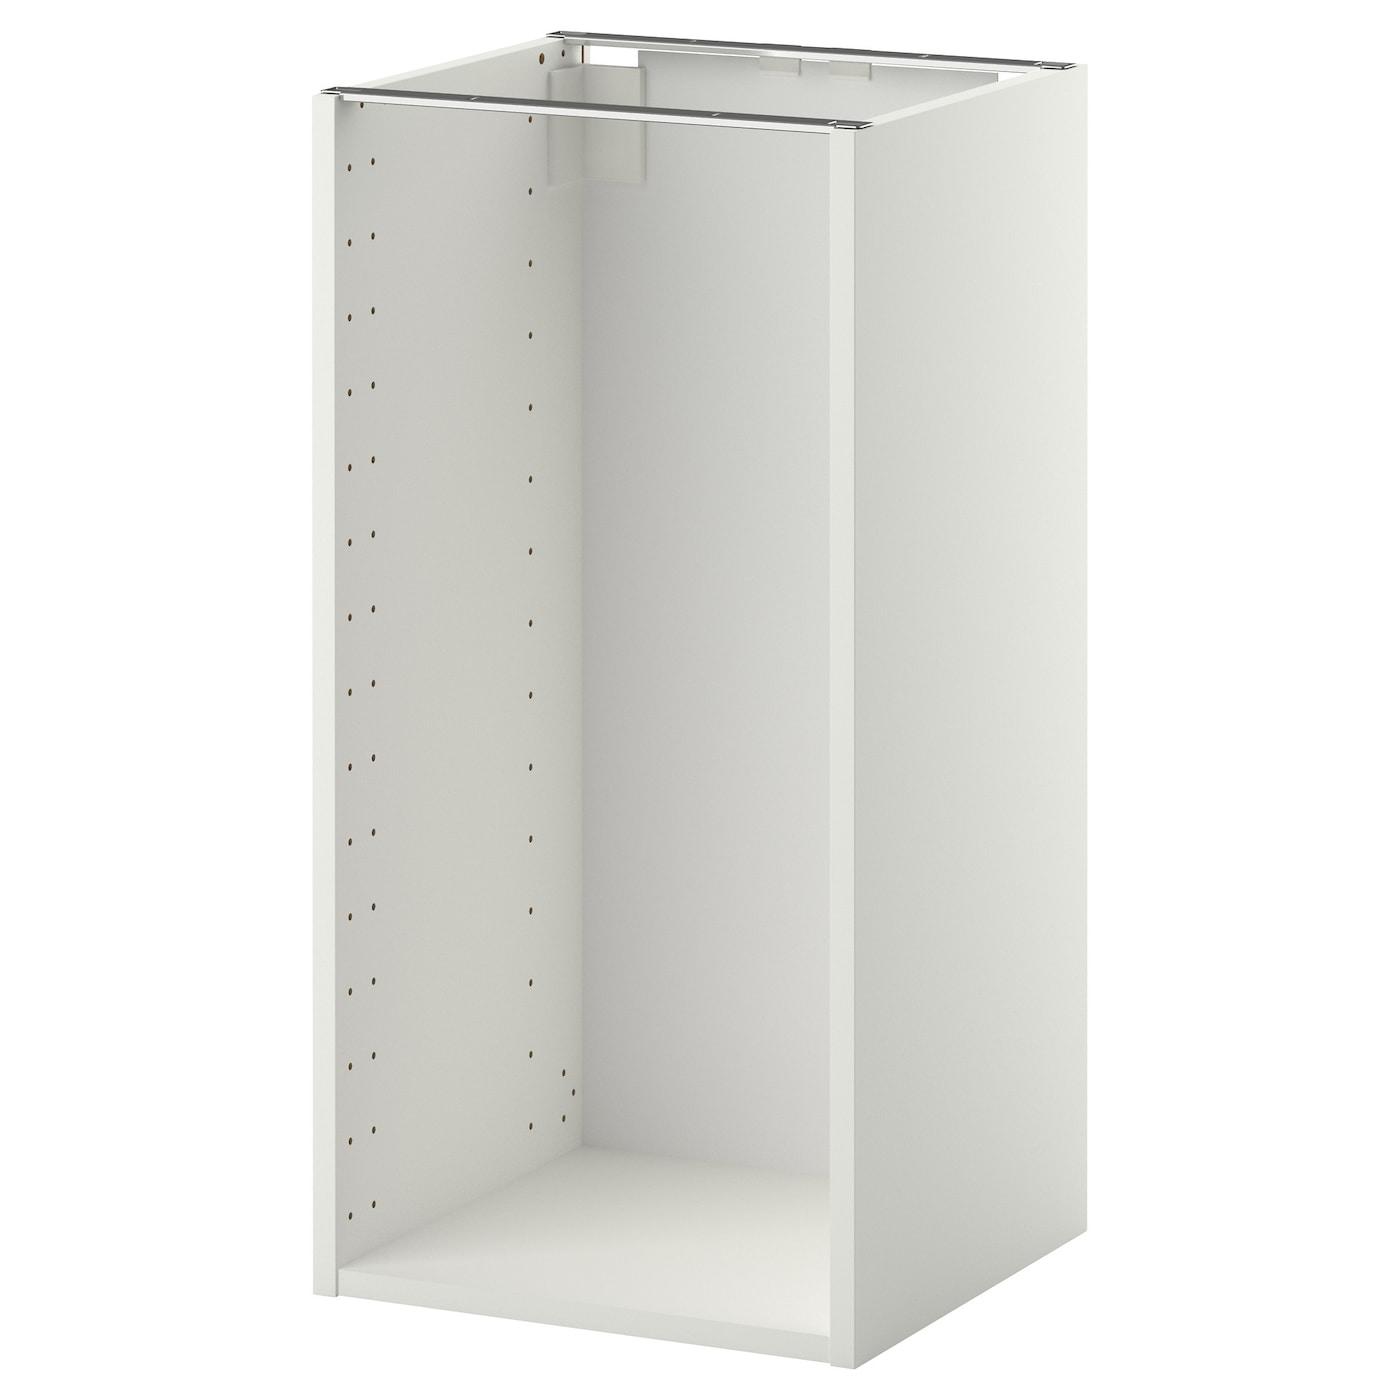 METOD Structure élément bas - blanc 15x15x15 cm